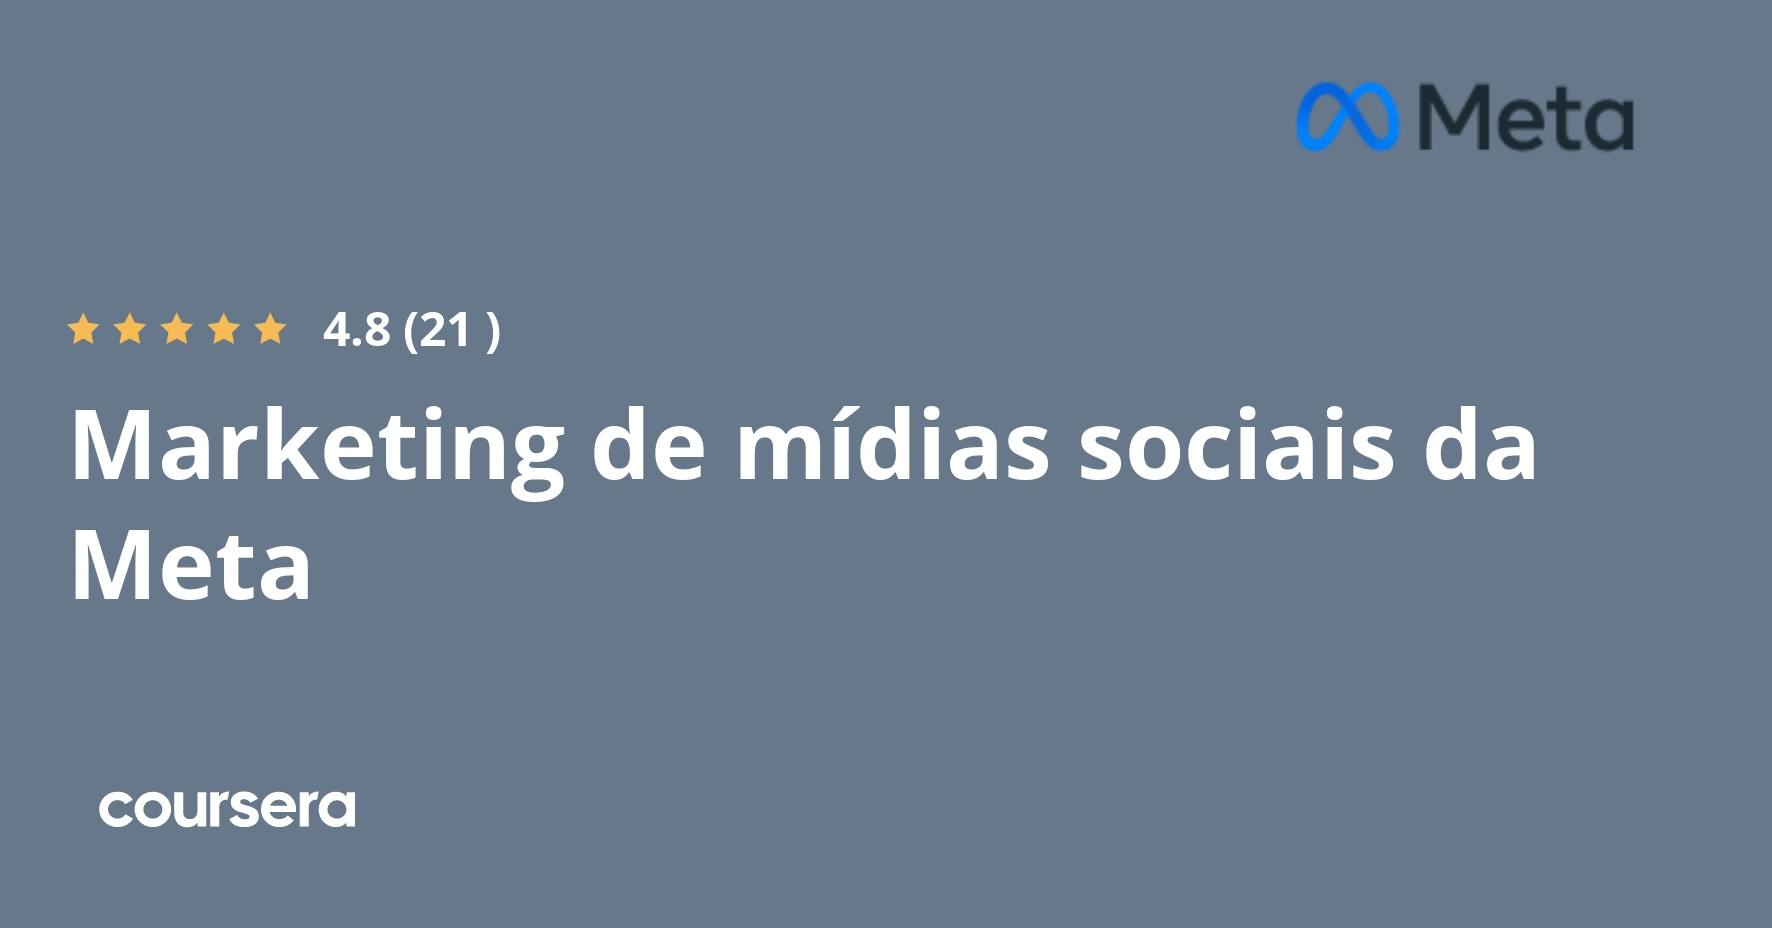 Marketing de Mídias Sociais do Facebook